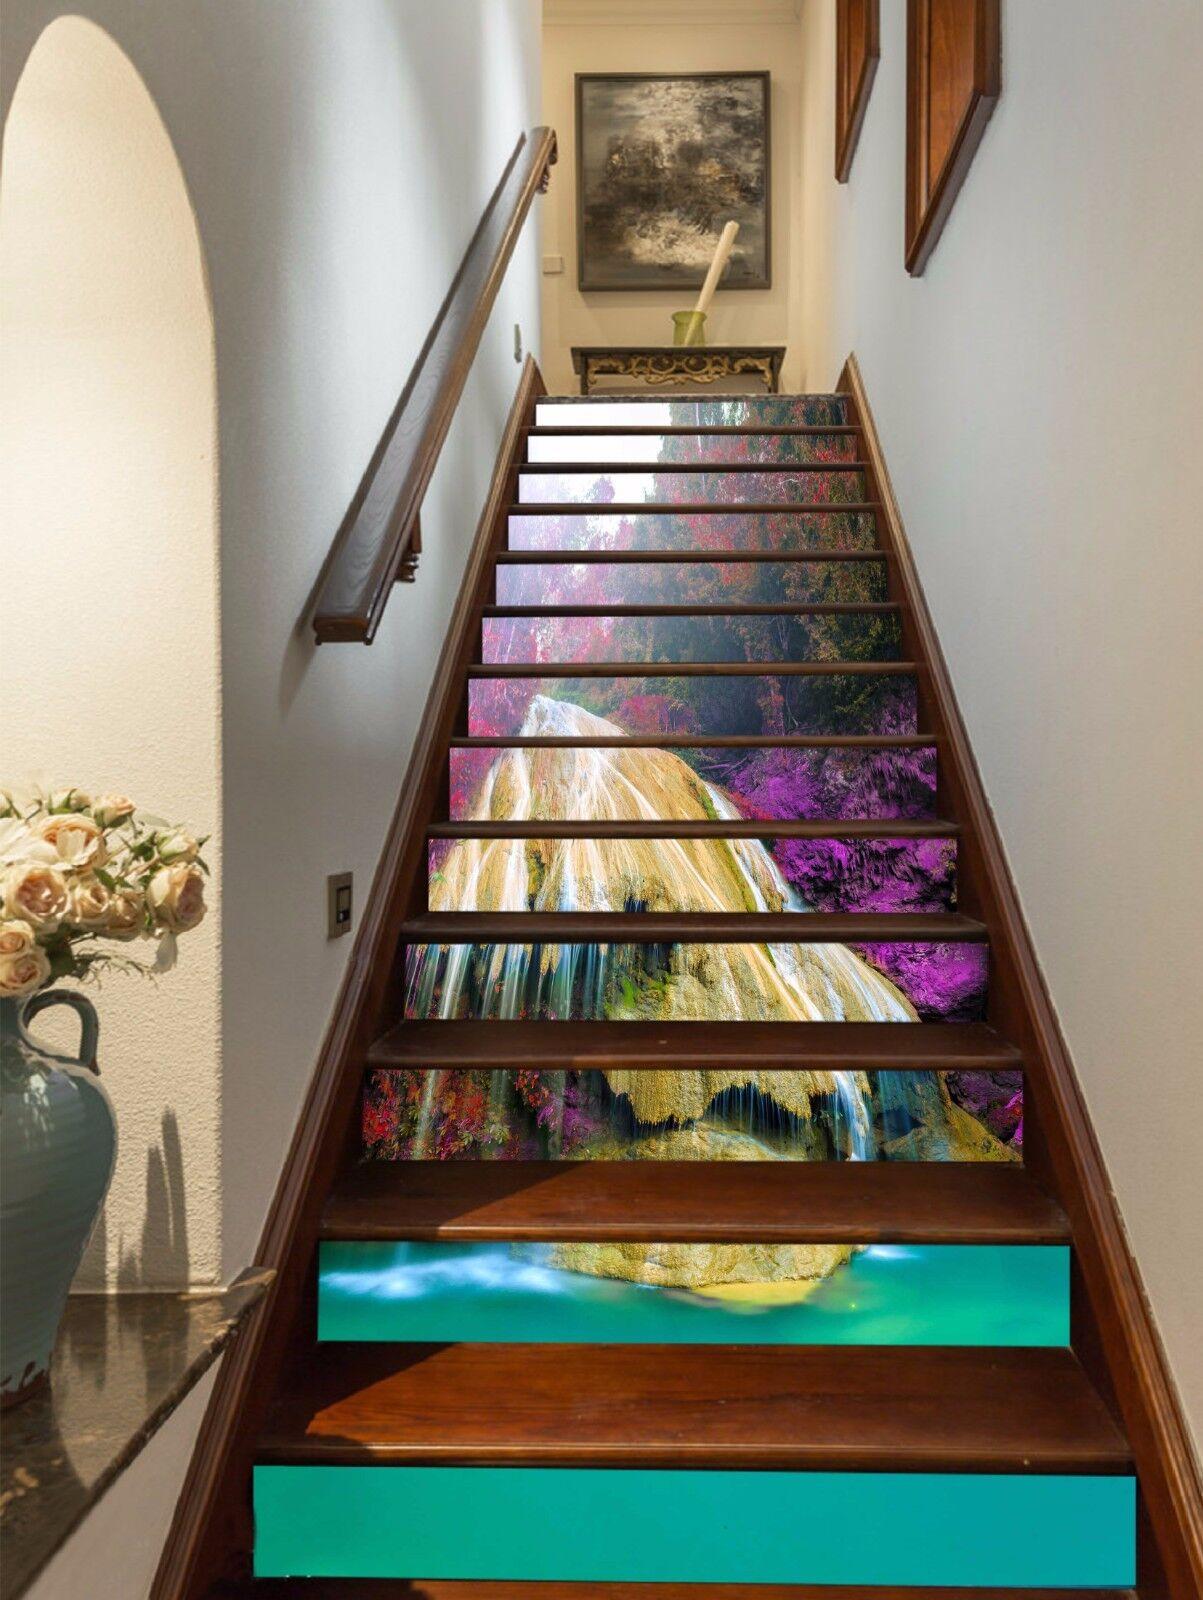 3D Pretty Lake 324 escaliers contremarches Décoration Photo Murale Autocollant Vinyle Papier Peint US